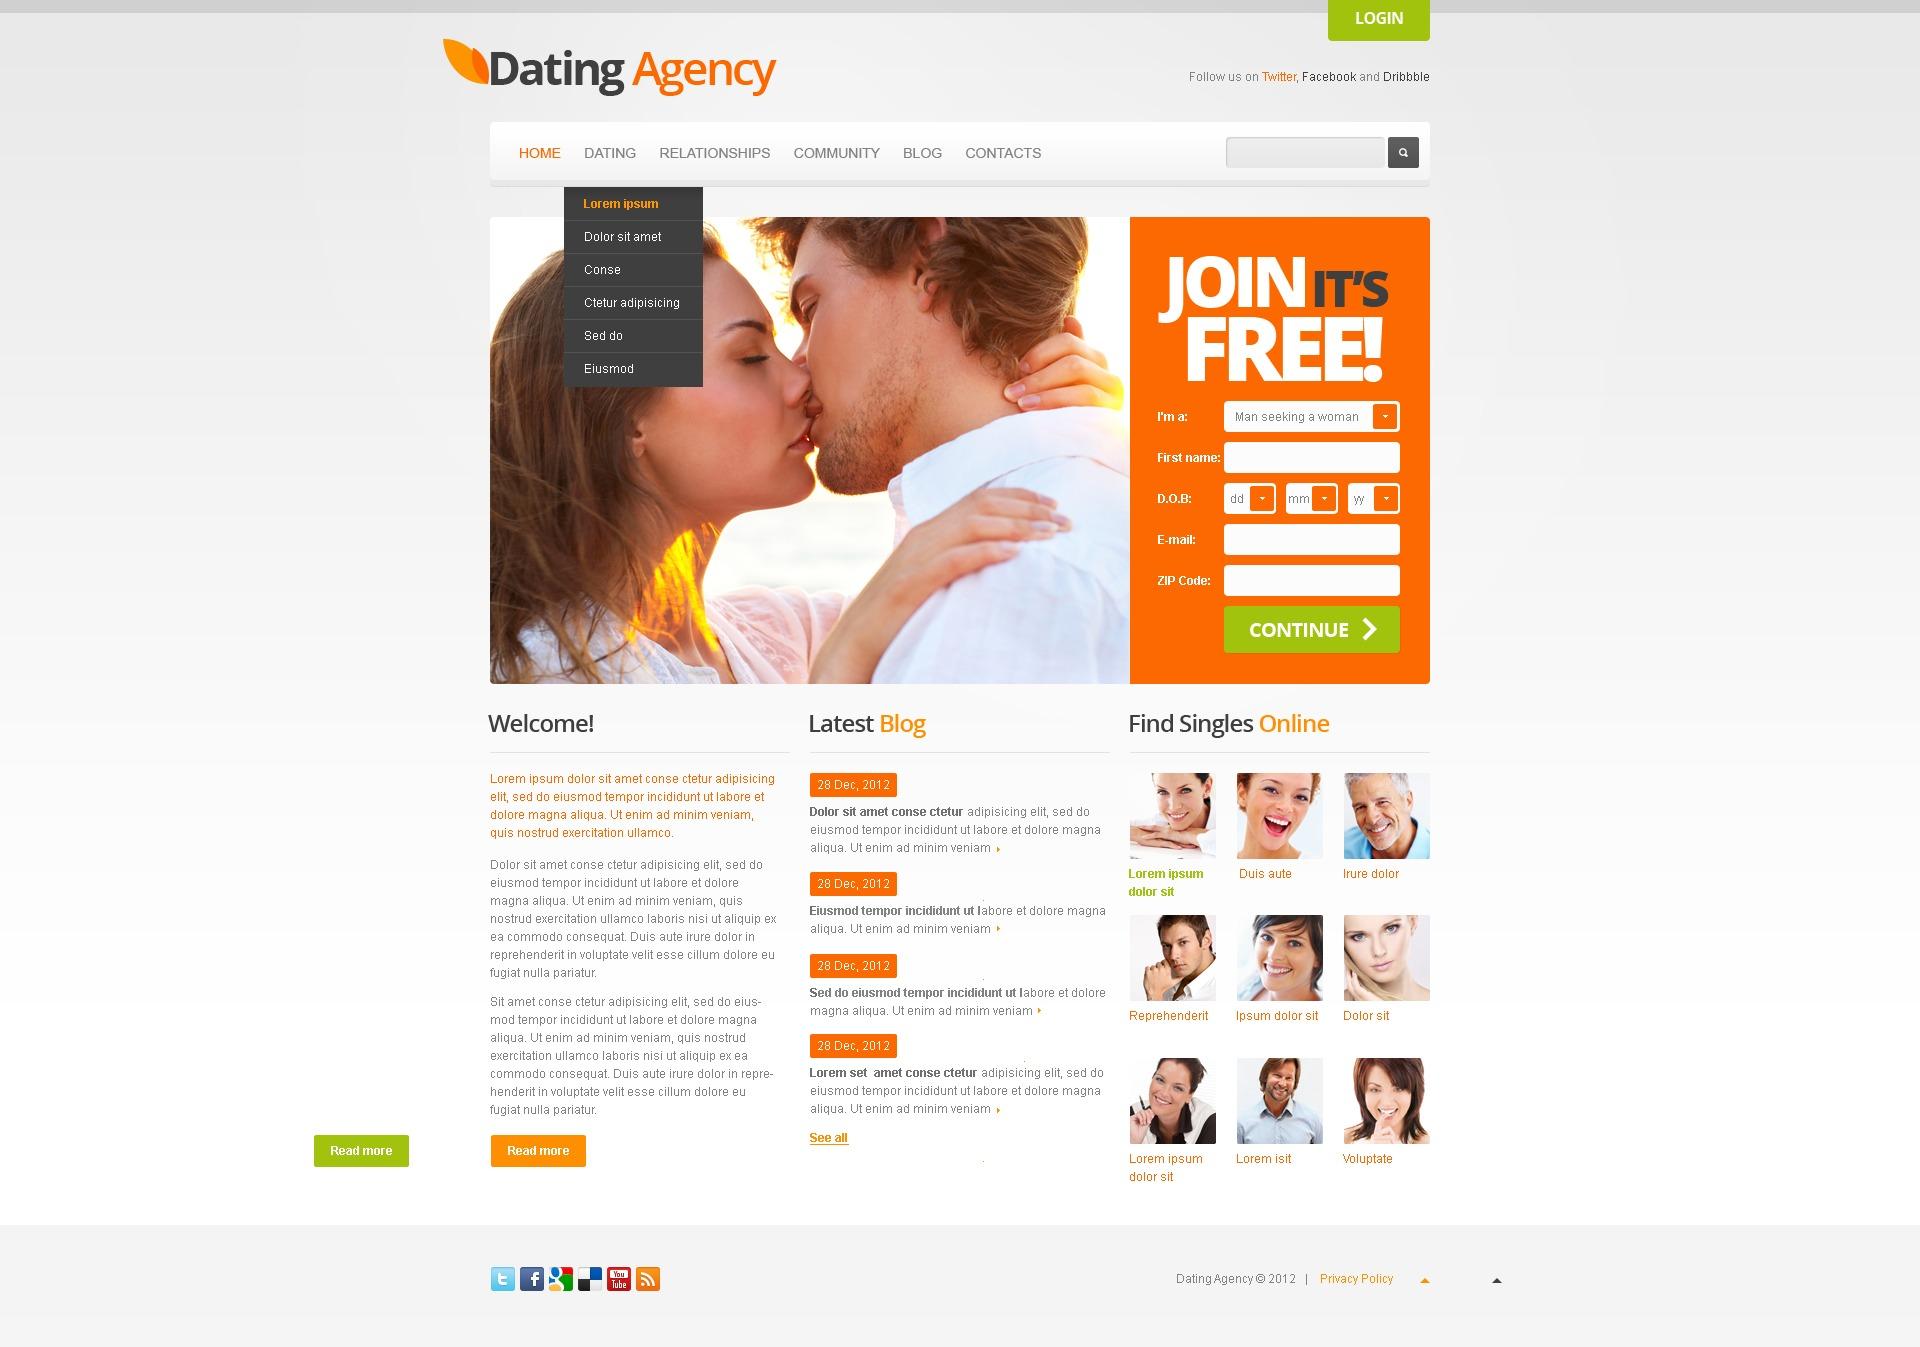 Sitio de citas web sexo ahora Avilés-47238